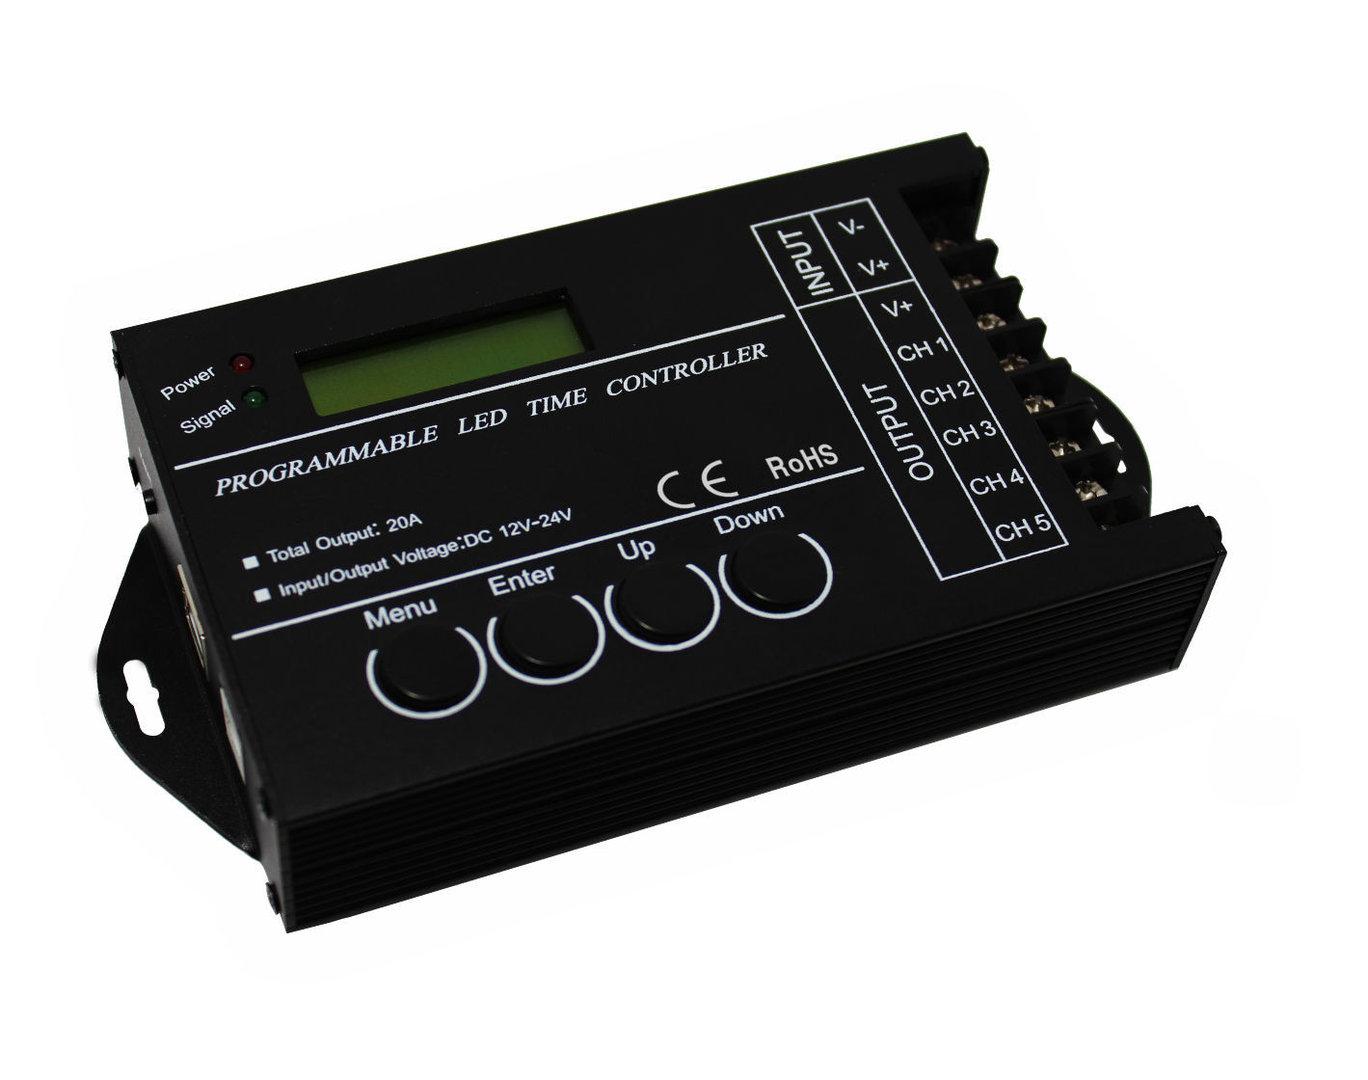 LED Kontrol Paneli ve Gösterge Kutusu